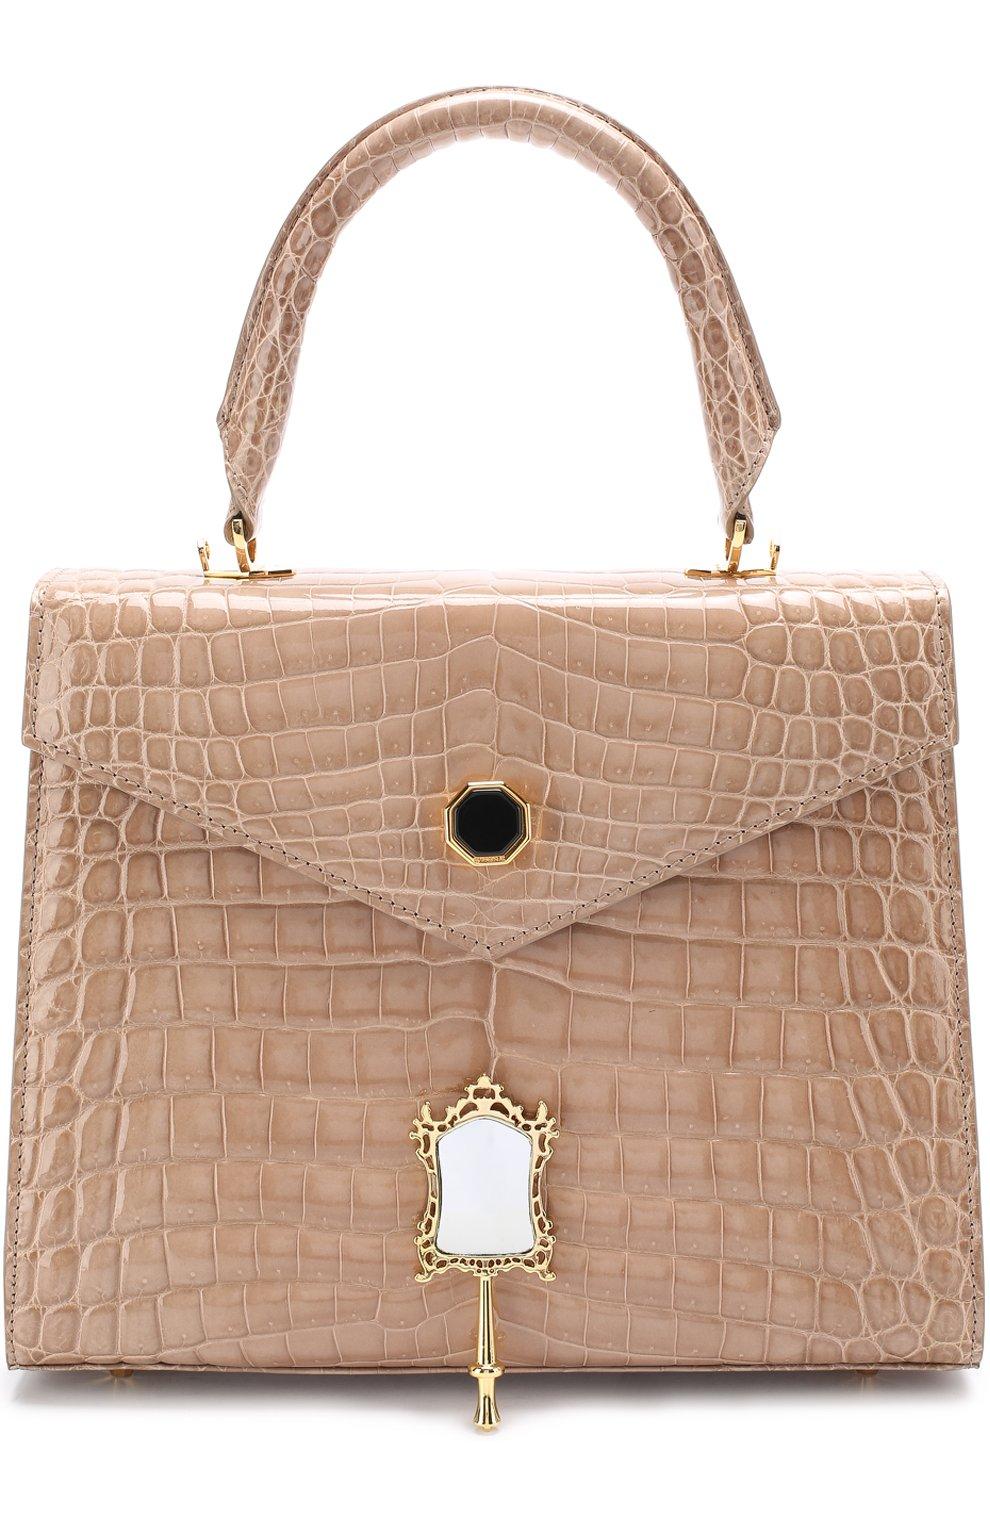 3ed8a0c5c972 Женская сумка alla 28 из кожи крокодила ETHAN K бежевая цвета ...